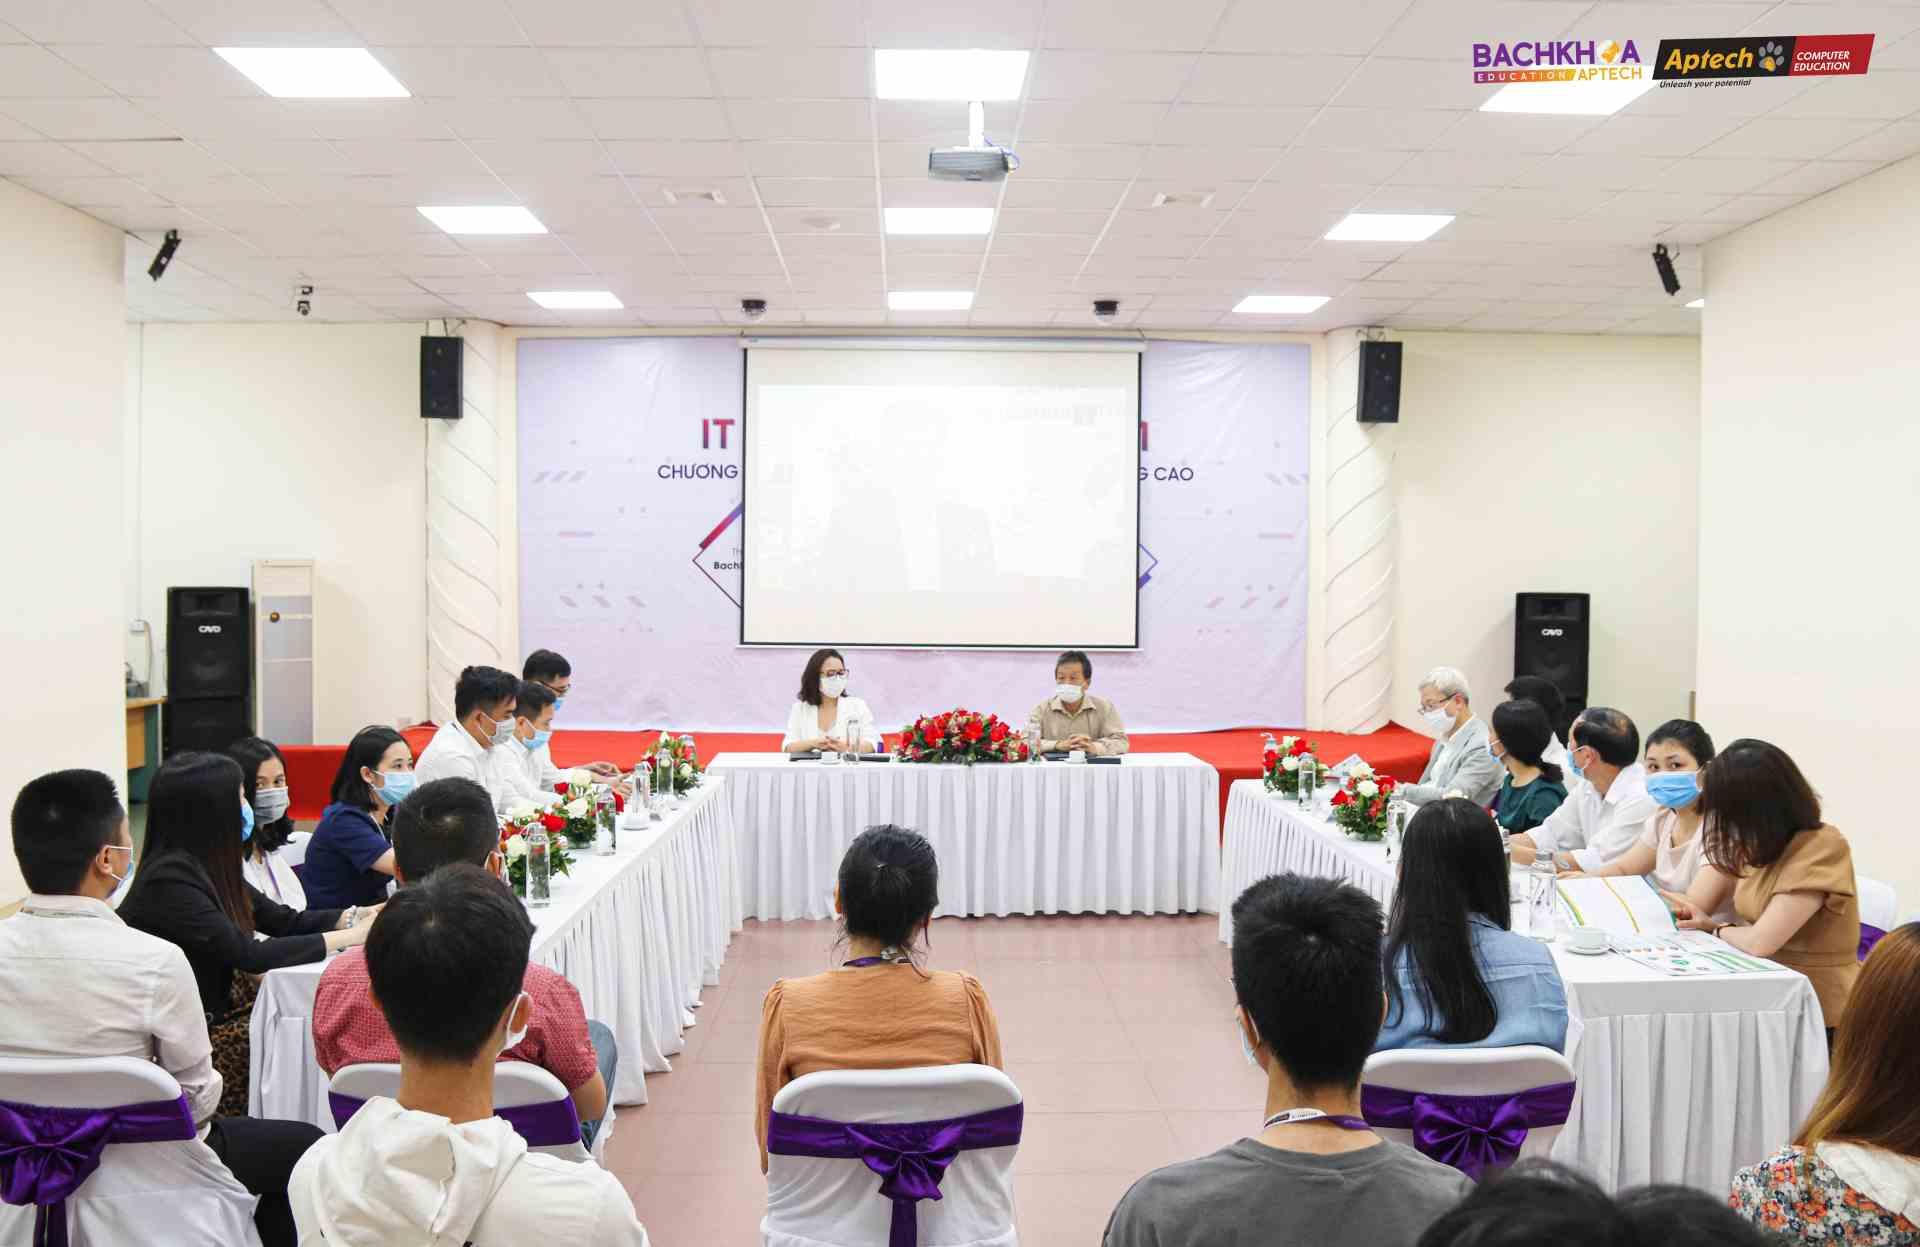 Bachkhoa-Aptech và Đại học Quốc tế Bắc Hà bắt tay hợp tác